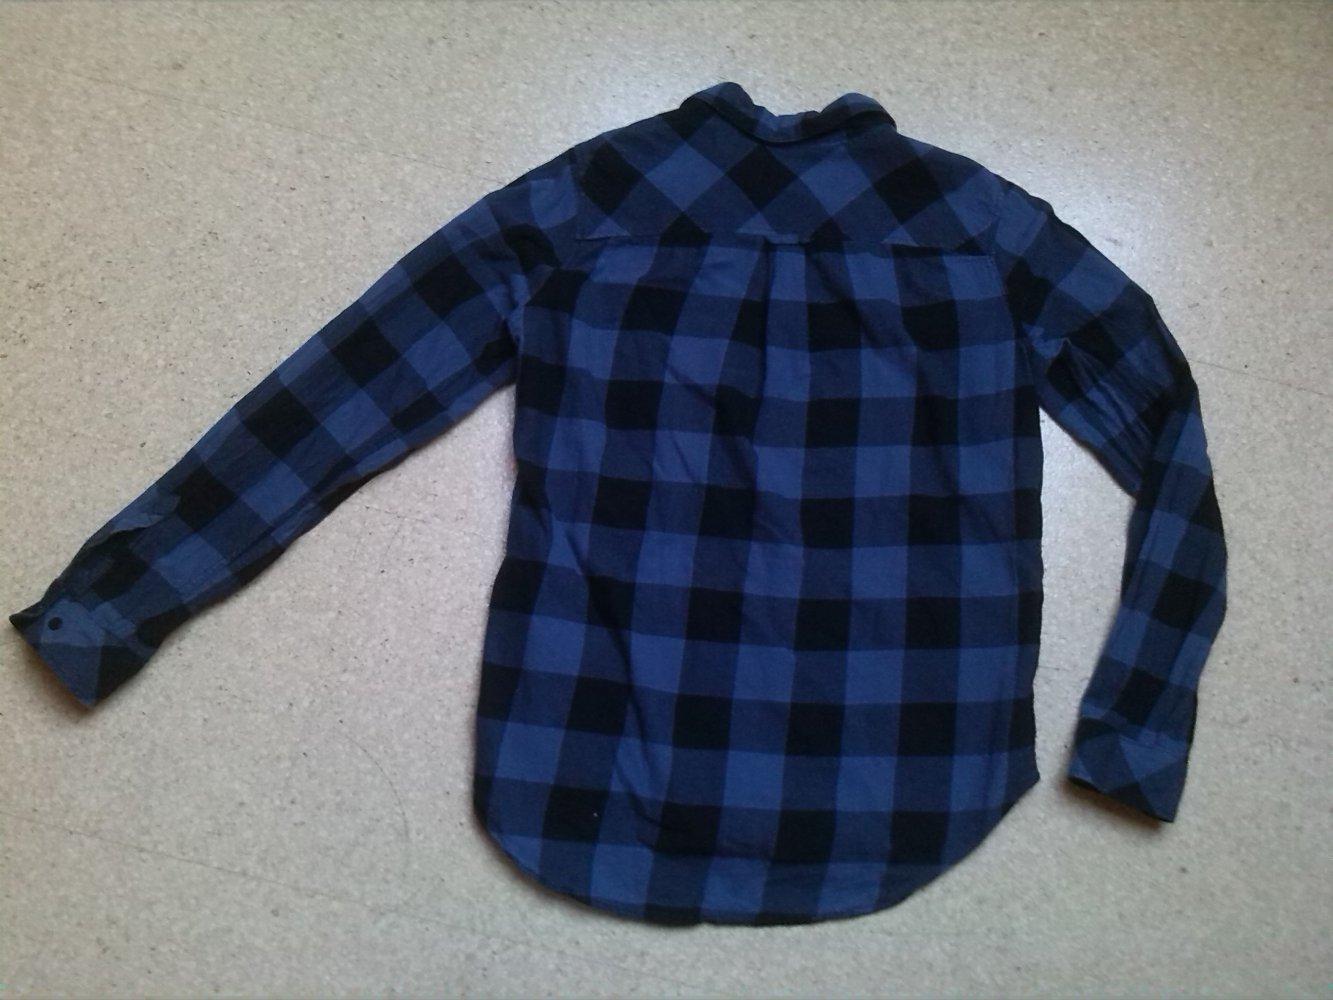 Damen Hemd Bluse H M blau schwarz kariert Gr. 34    Kleiderkorb.de 15ca369ad0